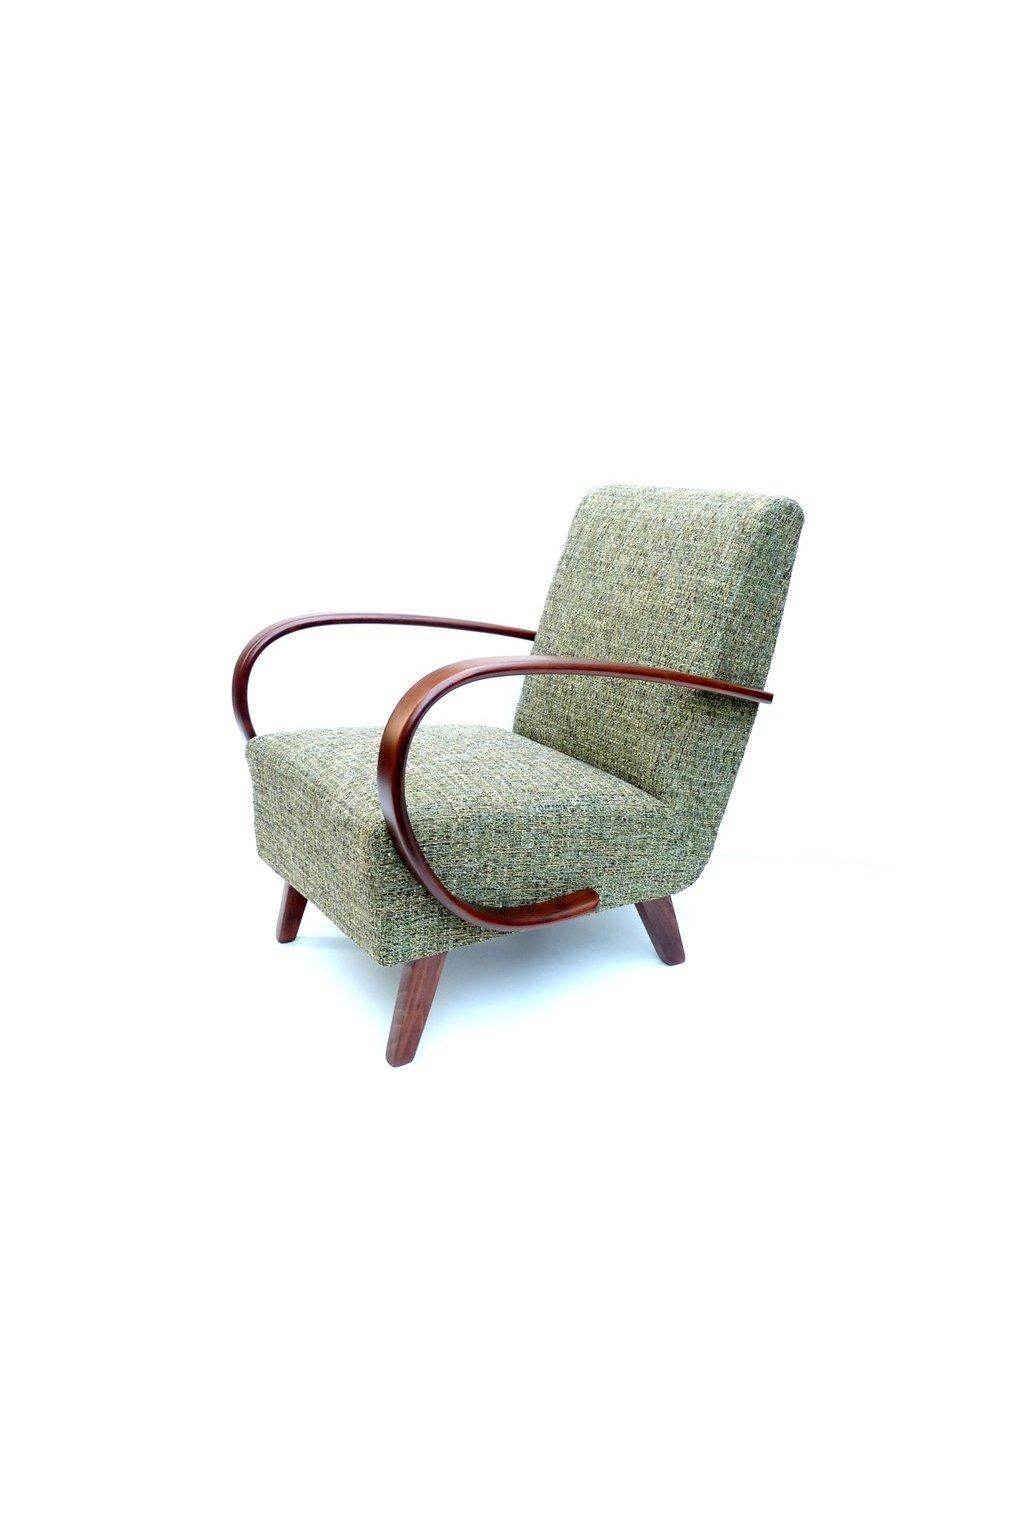 křeslo. designové křeslo. design chair. křeslo halabala. vybavení moderního interiéru. nábytek do moderního interiéru. retro armchair